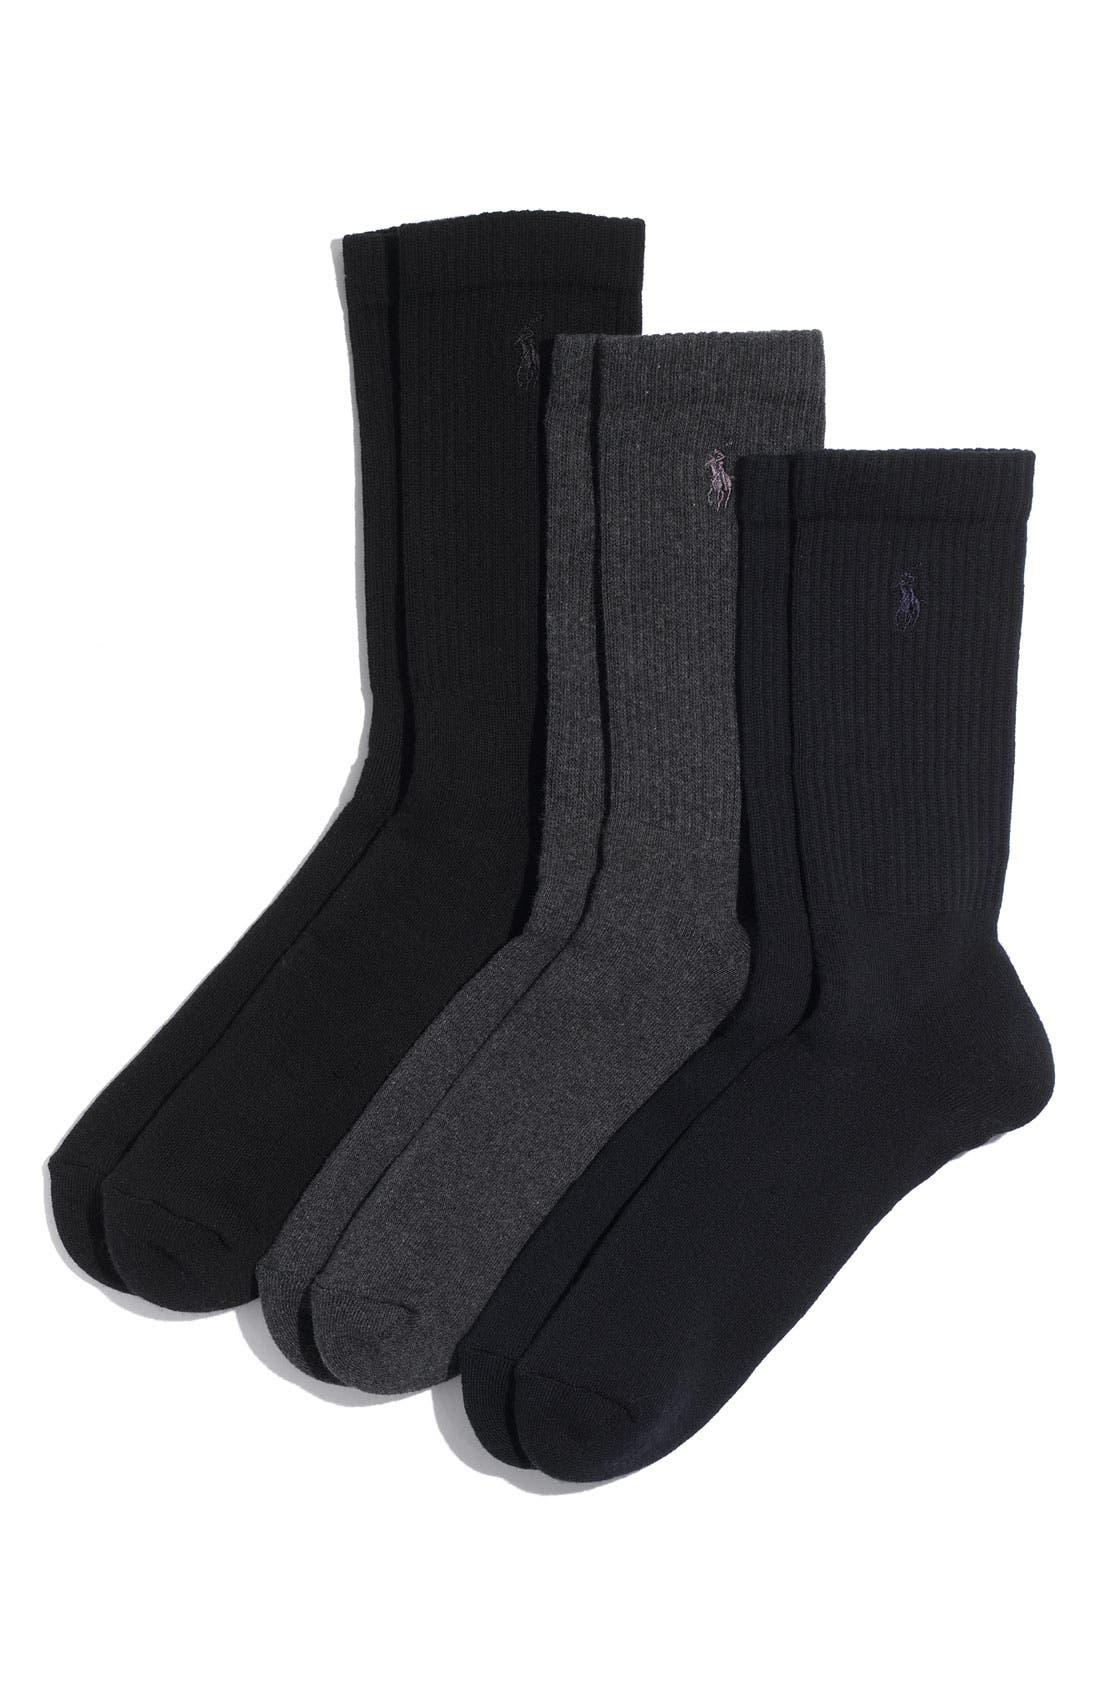 Alternate Image 1 Selected - Polo Ralph Lauren 3-Pack Crew Socks